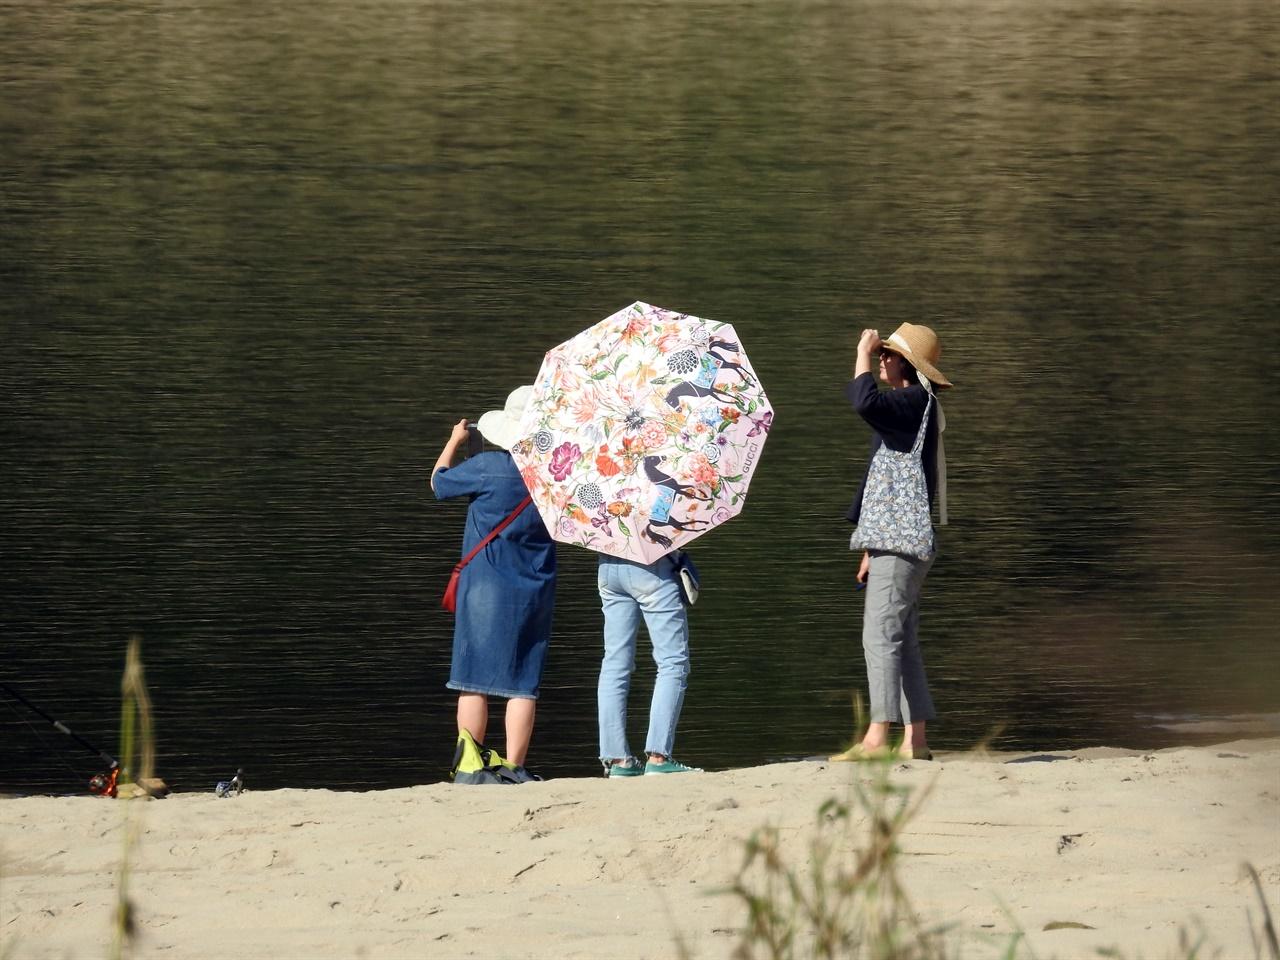 중년으로 보이는 여성들도 강변을 찾아 핸드폰으로 사진을 찍으면서 아름다운 자연을 감상했습니다.